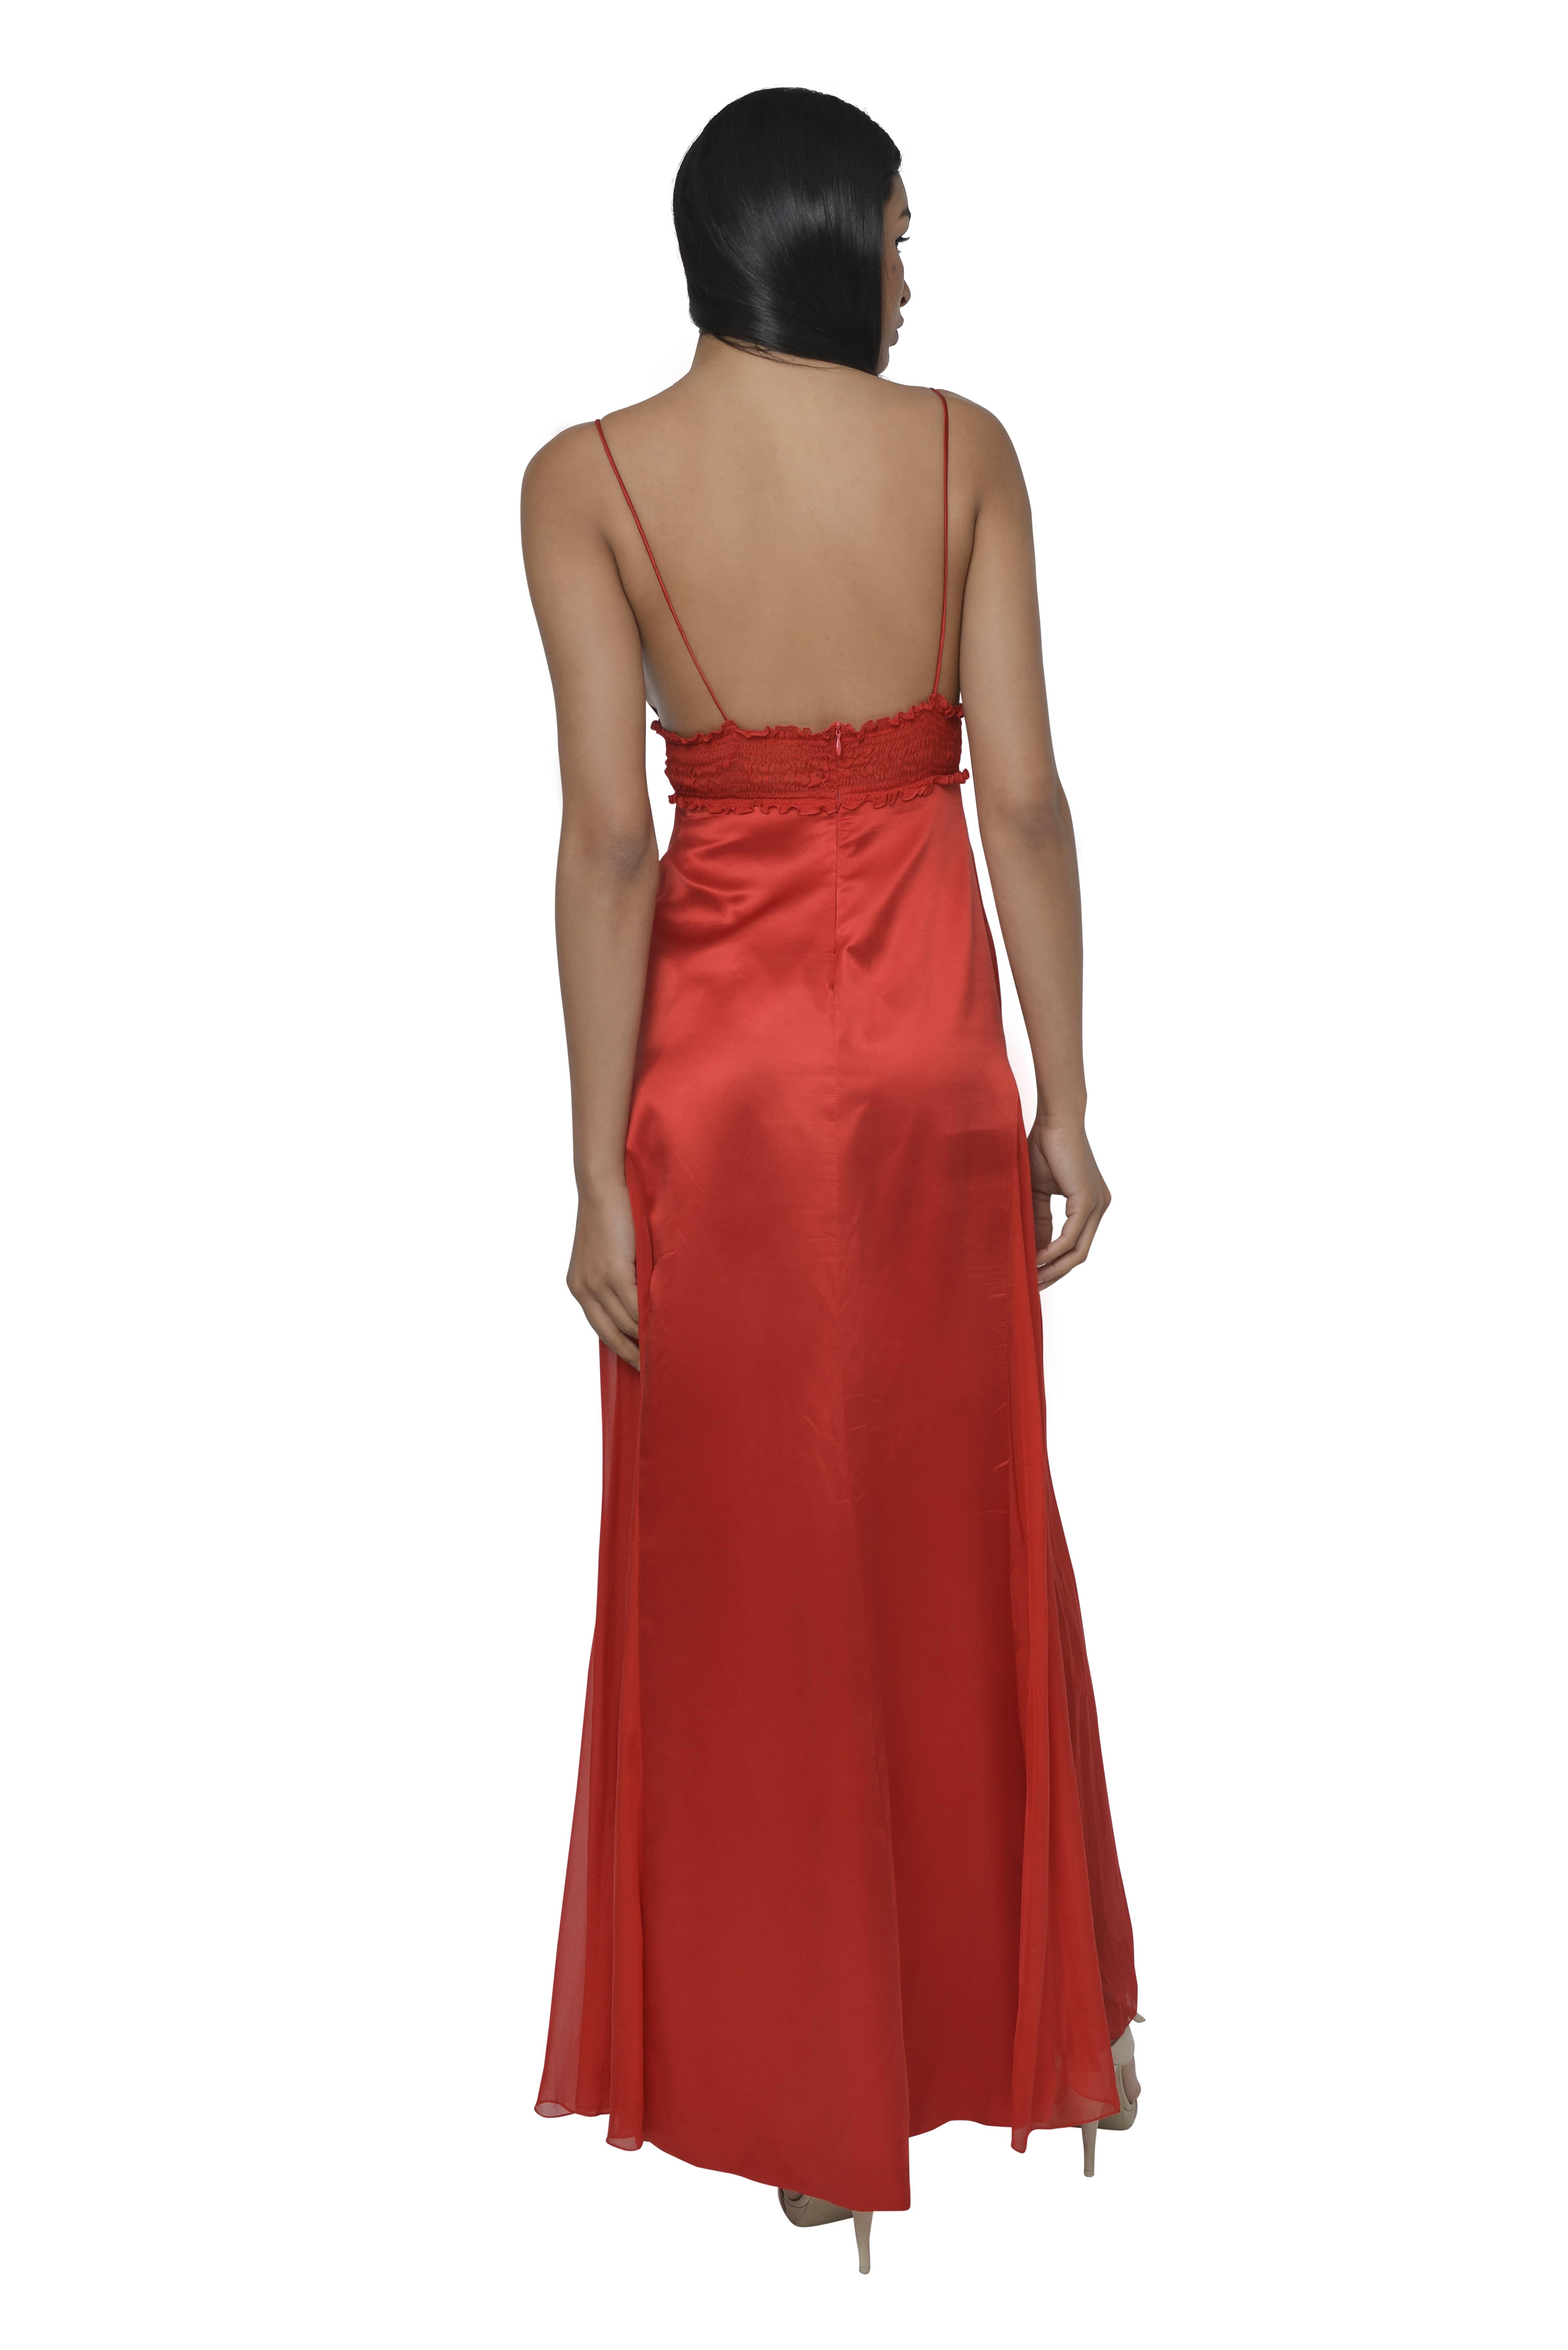 Dress  PLANTA-BATOM 3